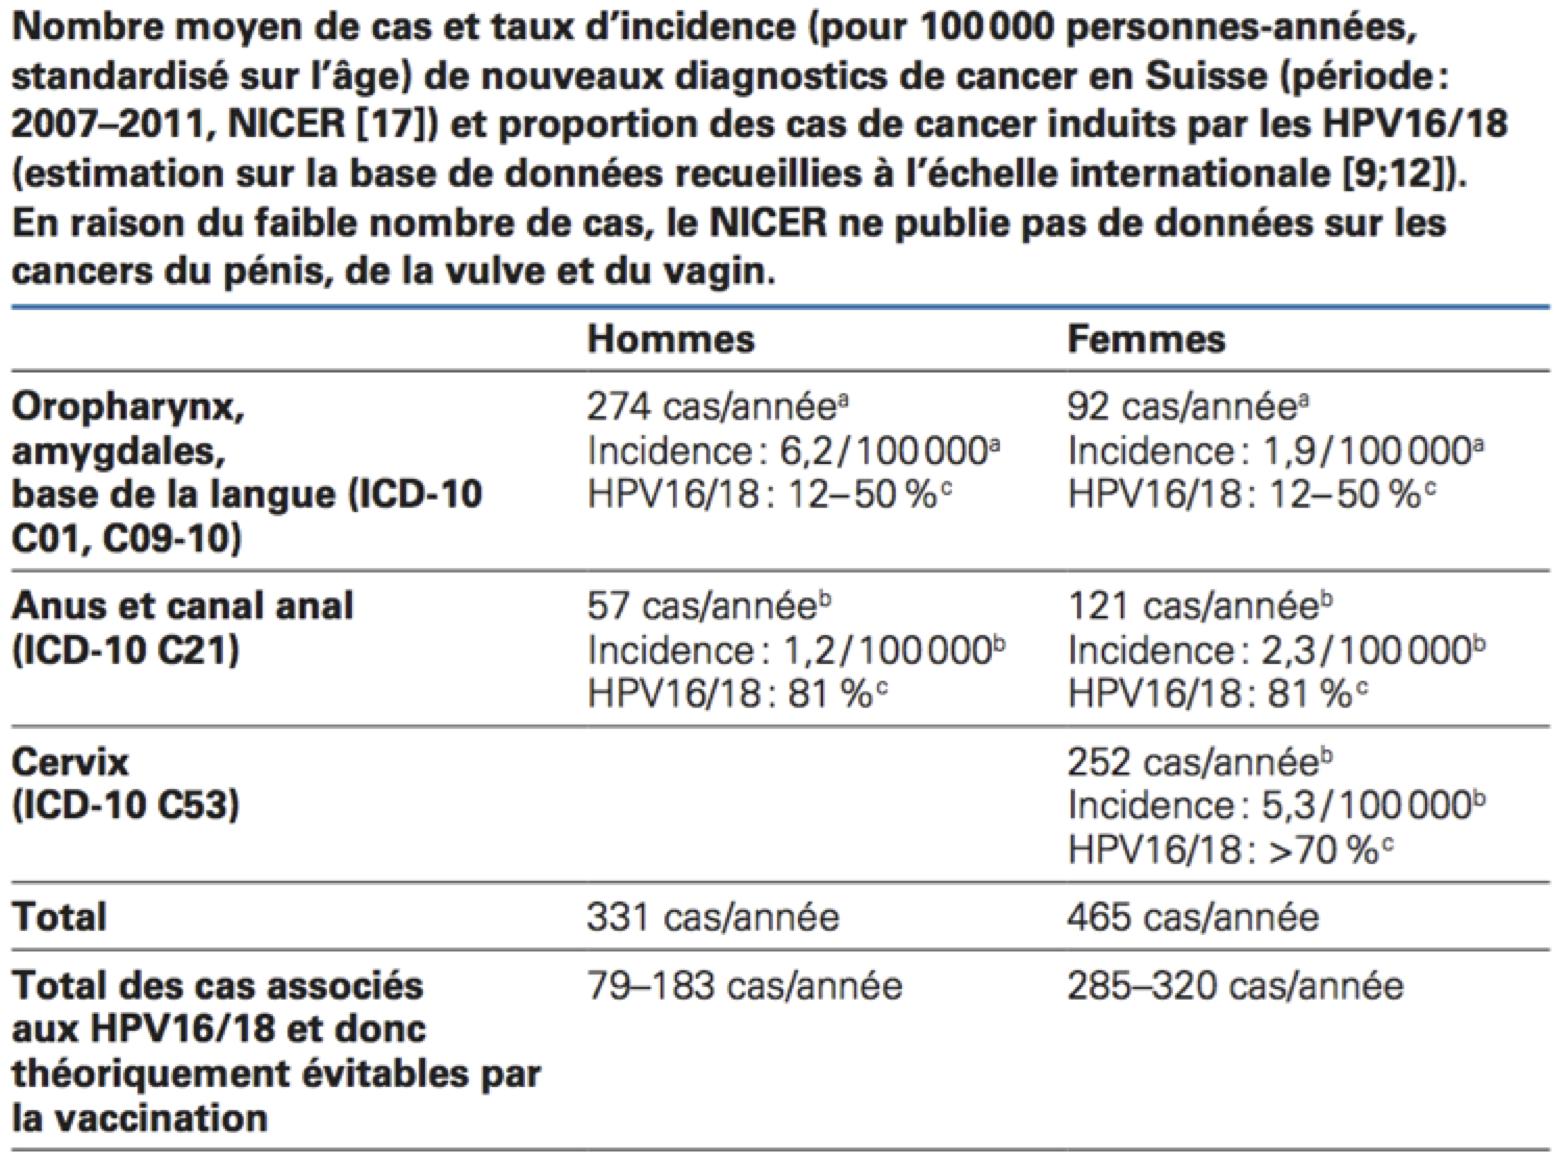 18 răspunsuri detaliate despre vaccinul contra HPV